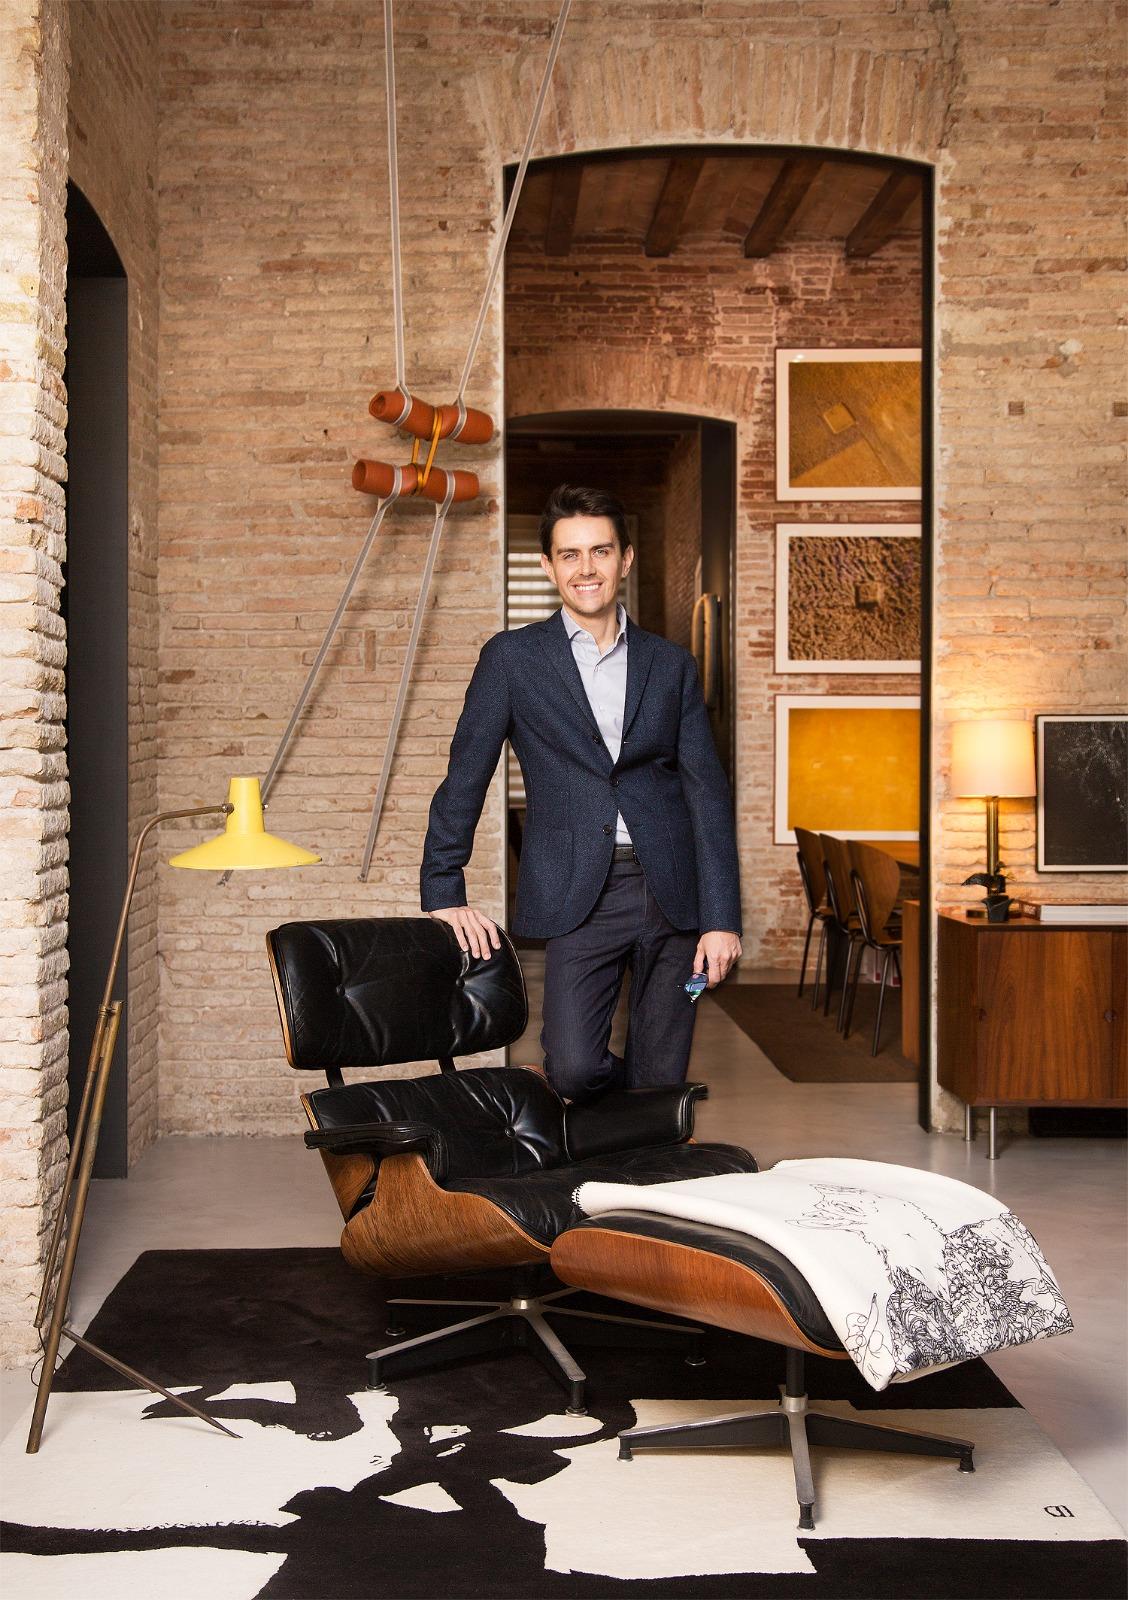 gerardo-van-waalwijk-van-doorn-architect-house-in-sitges